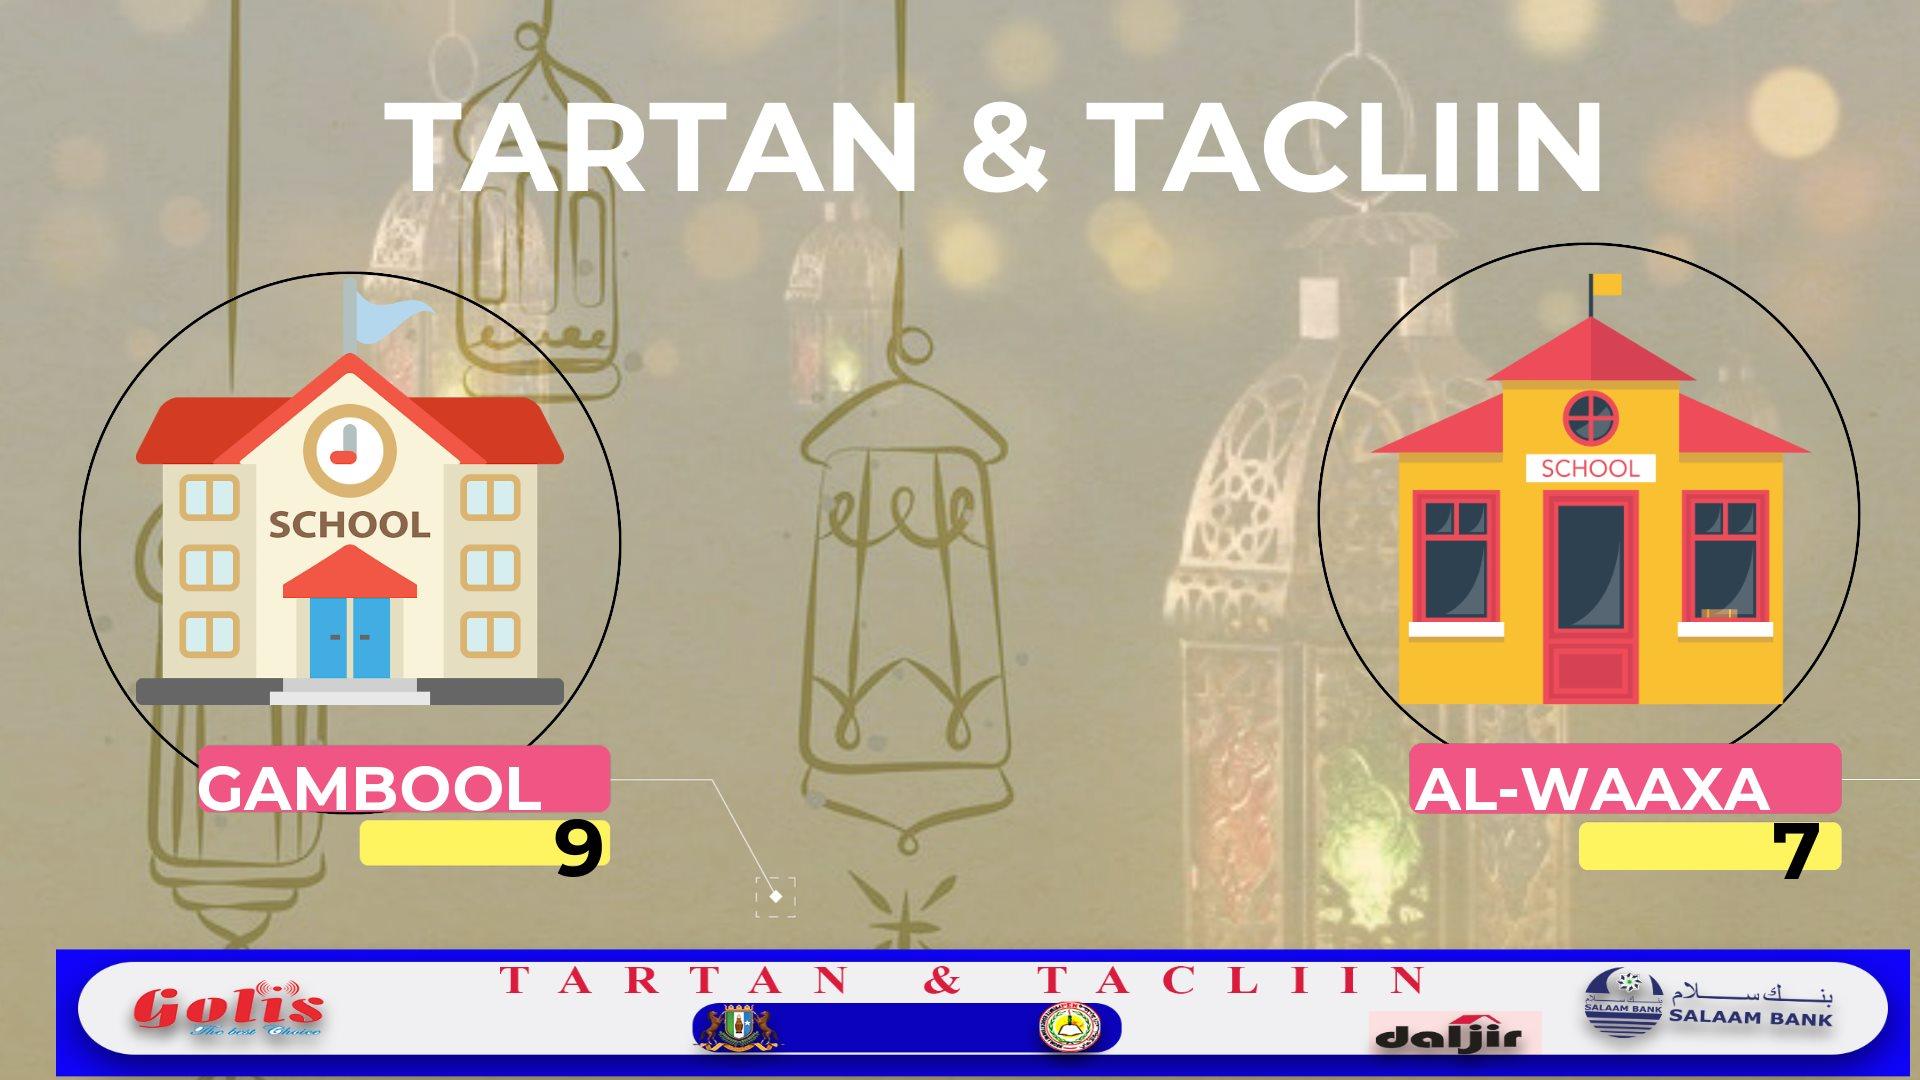 Warbixinta Tartan & Tacliin: Habeenkii 11aad, iyo Dugsiyadii xalay fooda isdaray (daawo)